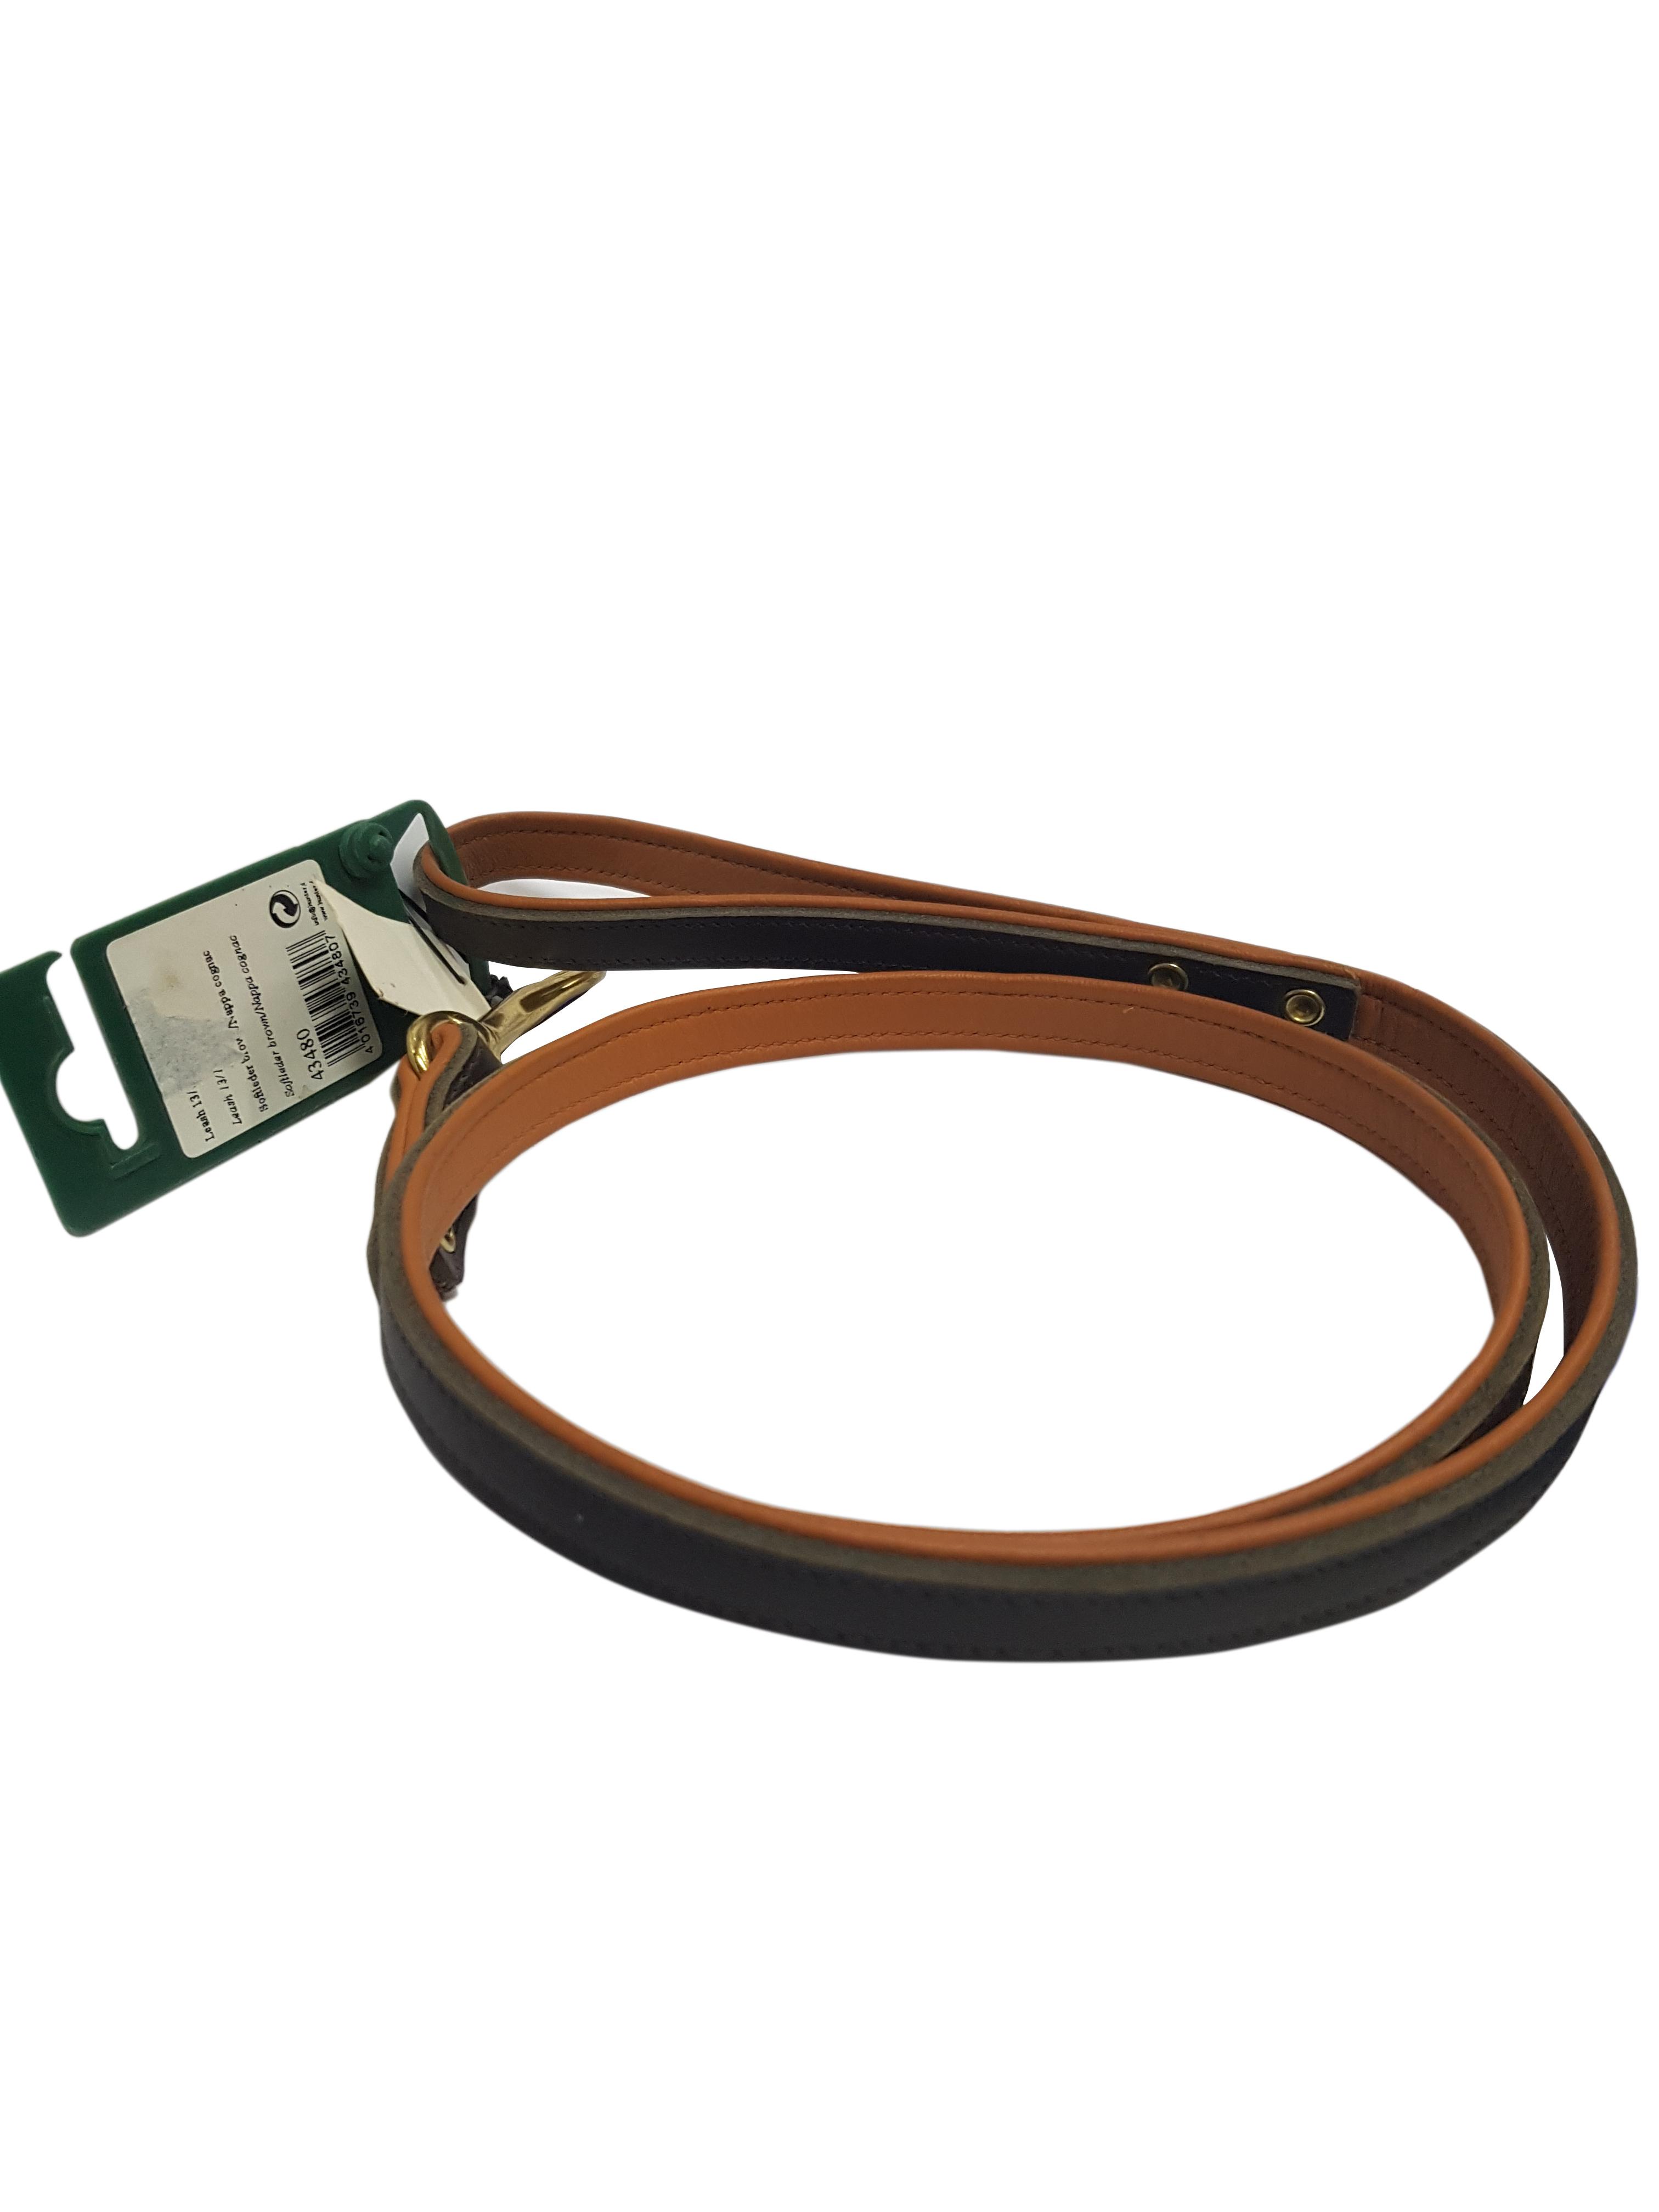 Lesa de piele Alama, Hunter, Maro/Cognac, 13/110 cm 0